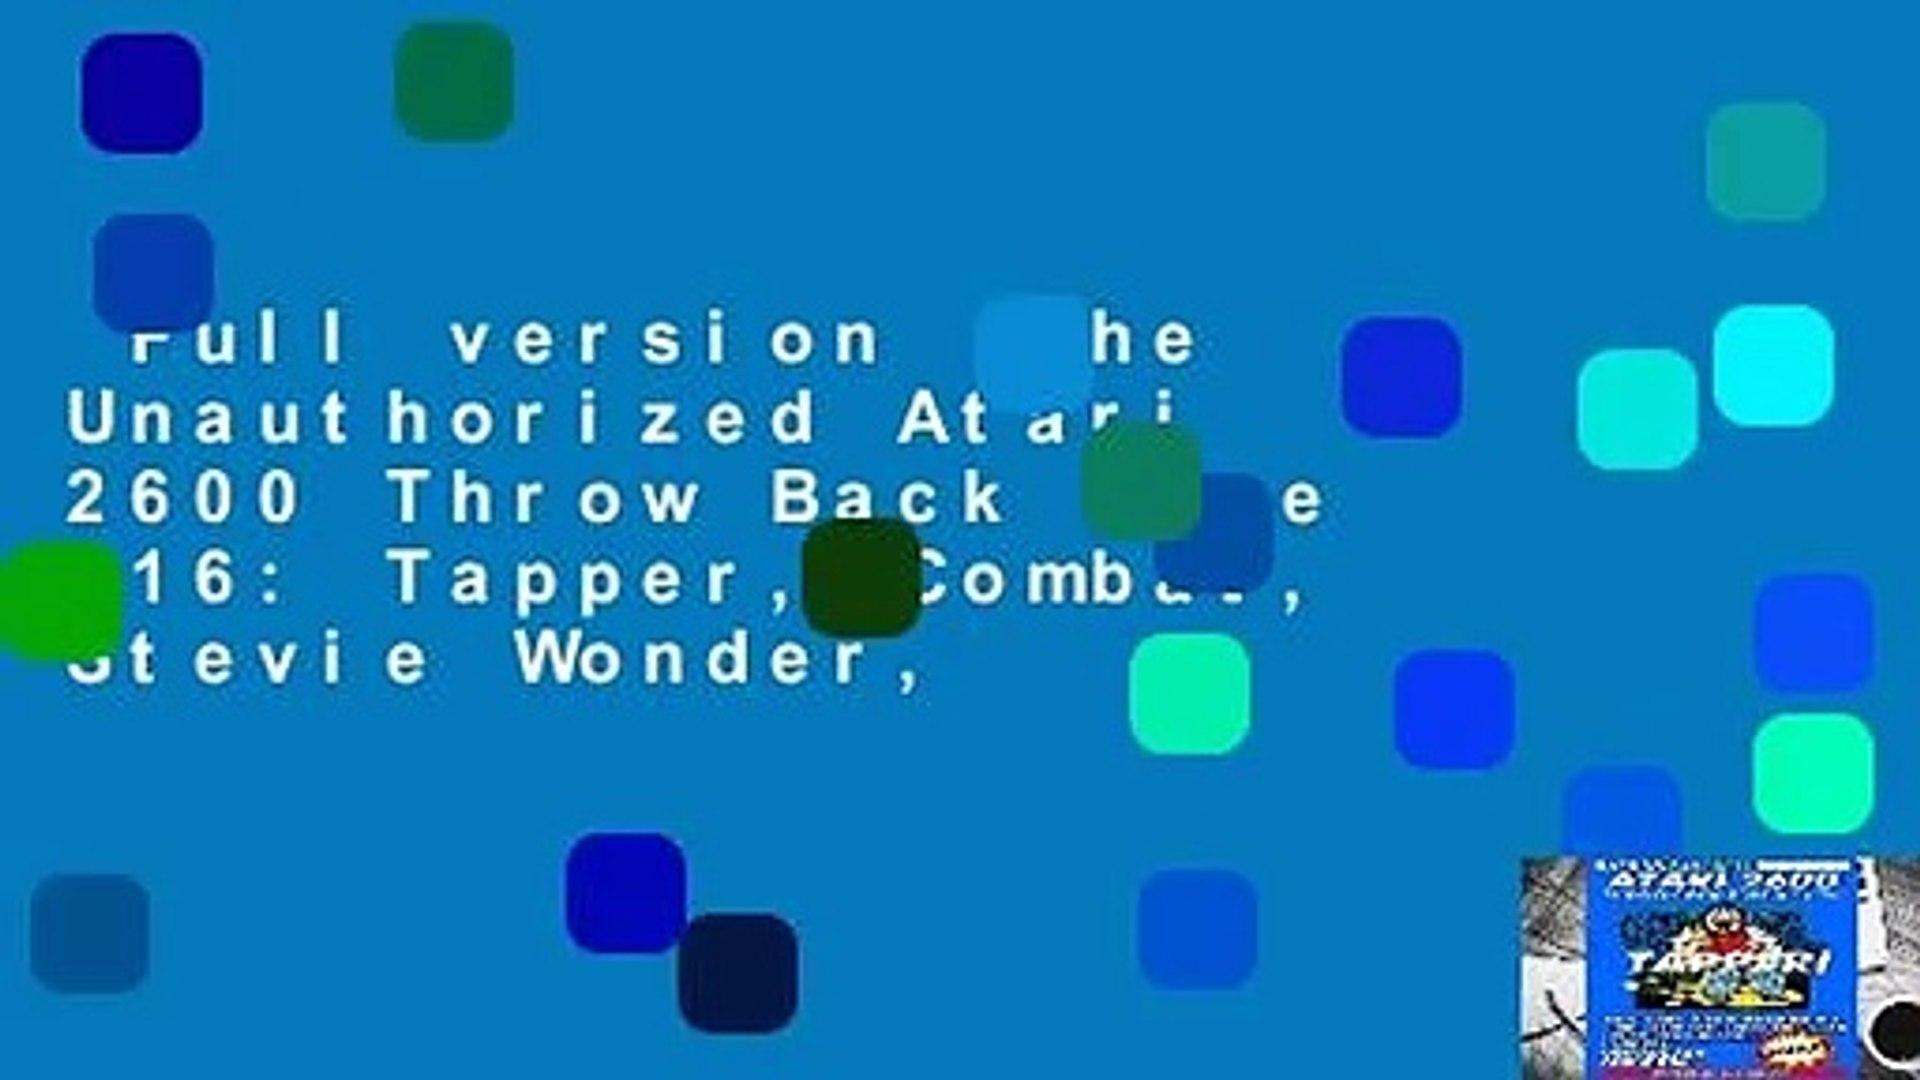 Full version  The Unauthorized Atari 2600 Throw Back Zine #16: Tapper, Combat, Stevie Wonder,